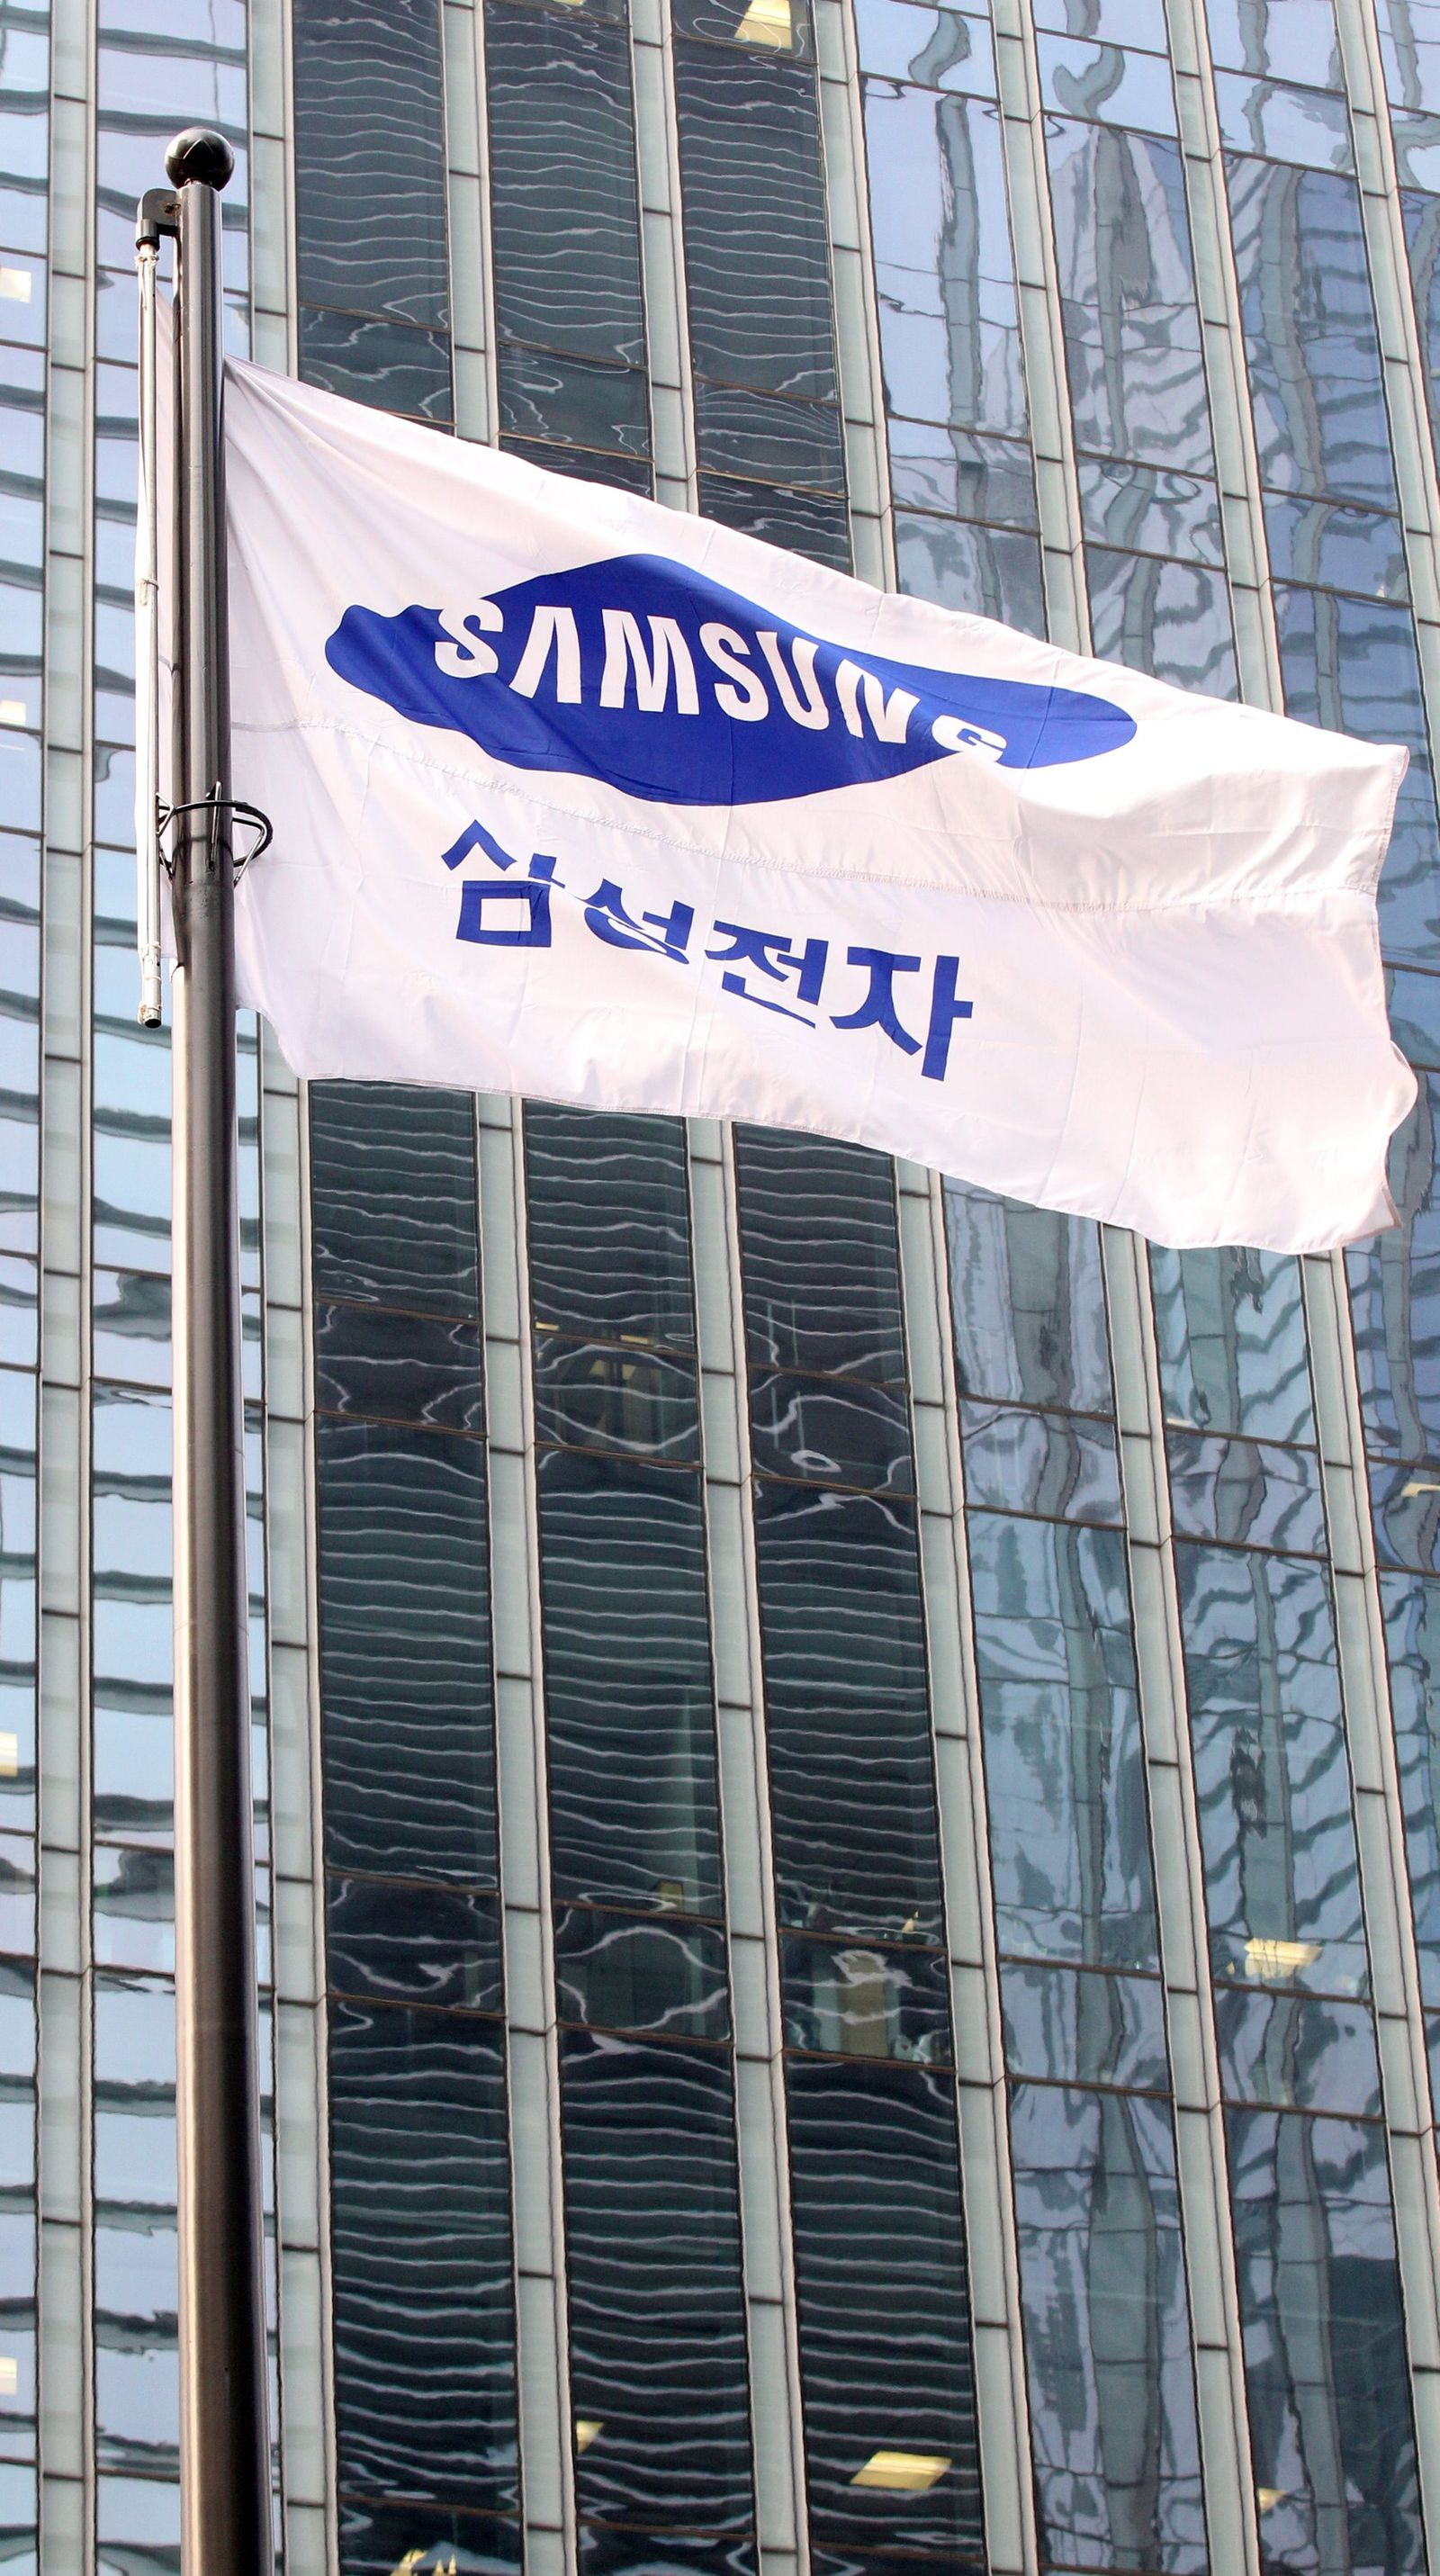 Samsung Fahne Logo Hauptqartier